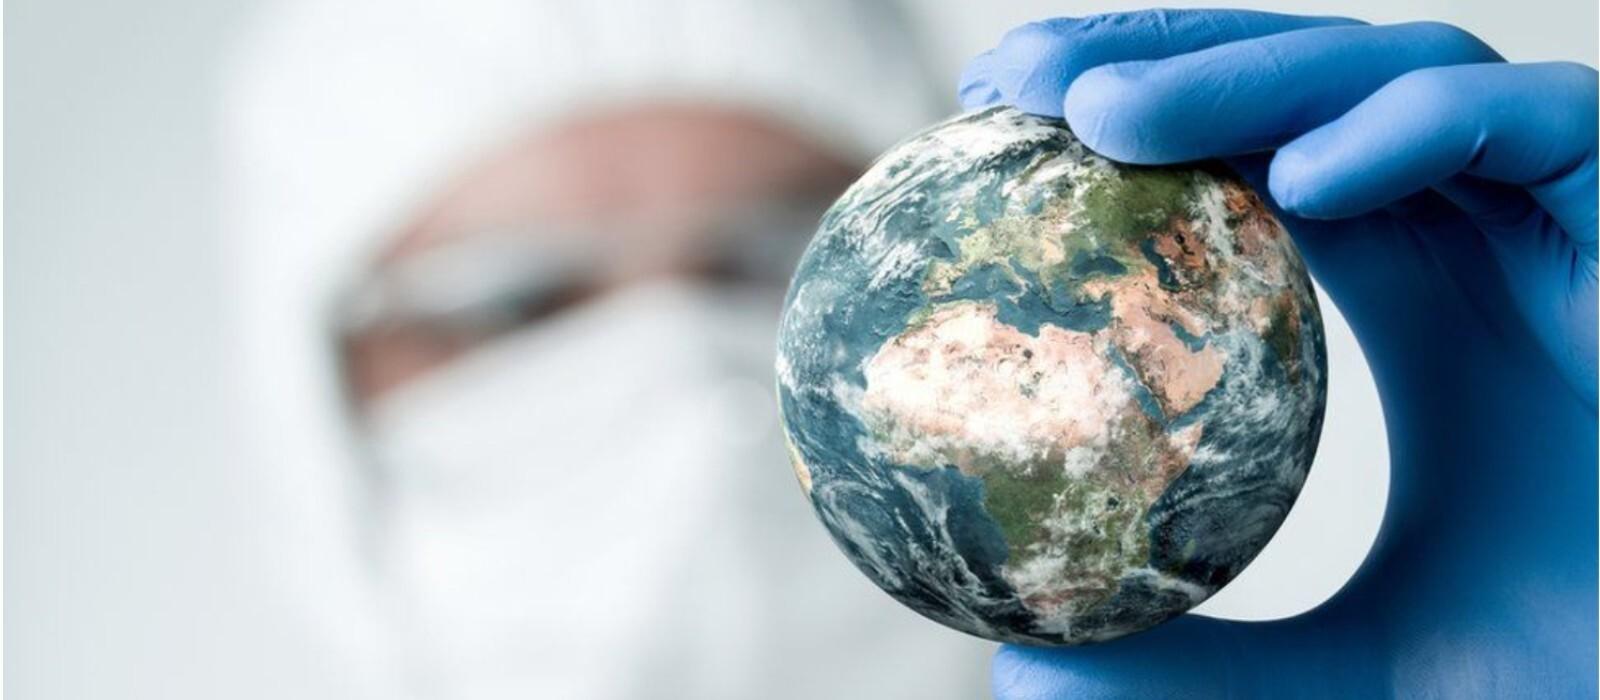 Salvaguardia della salute e dell'ambiente